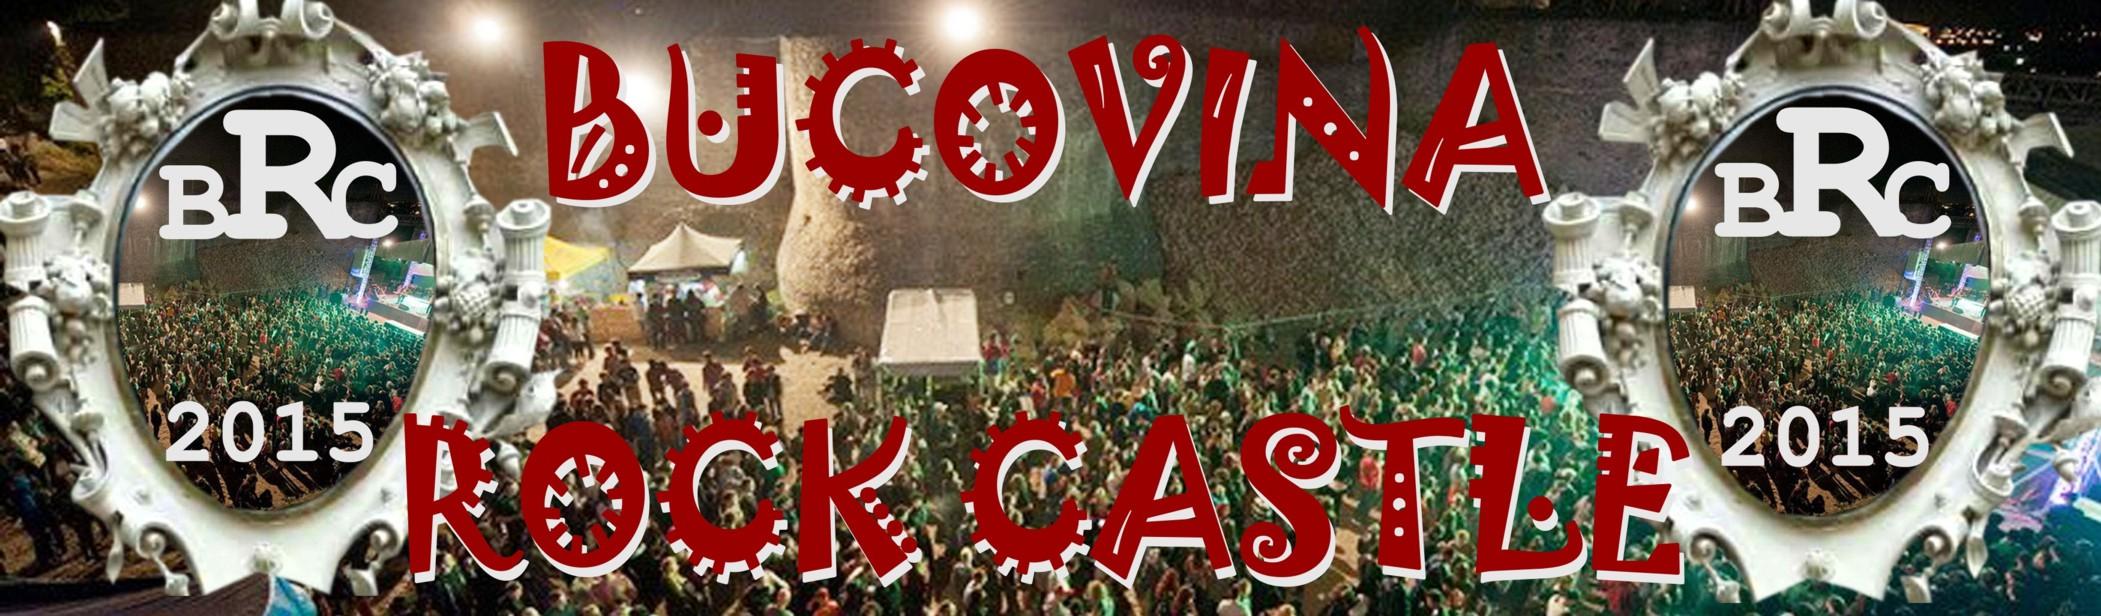 BUCOVINA ROCK CASTLE, festivalul care merită un viitor